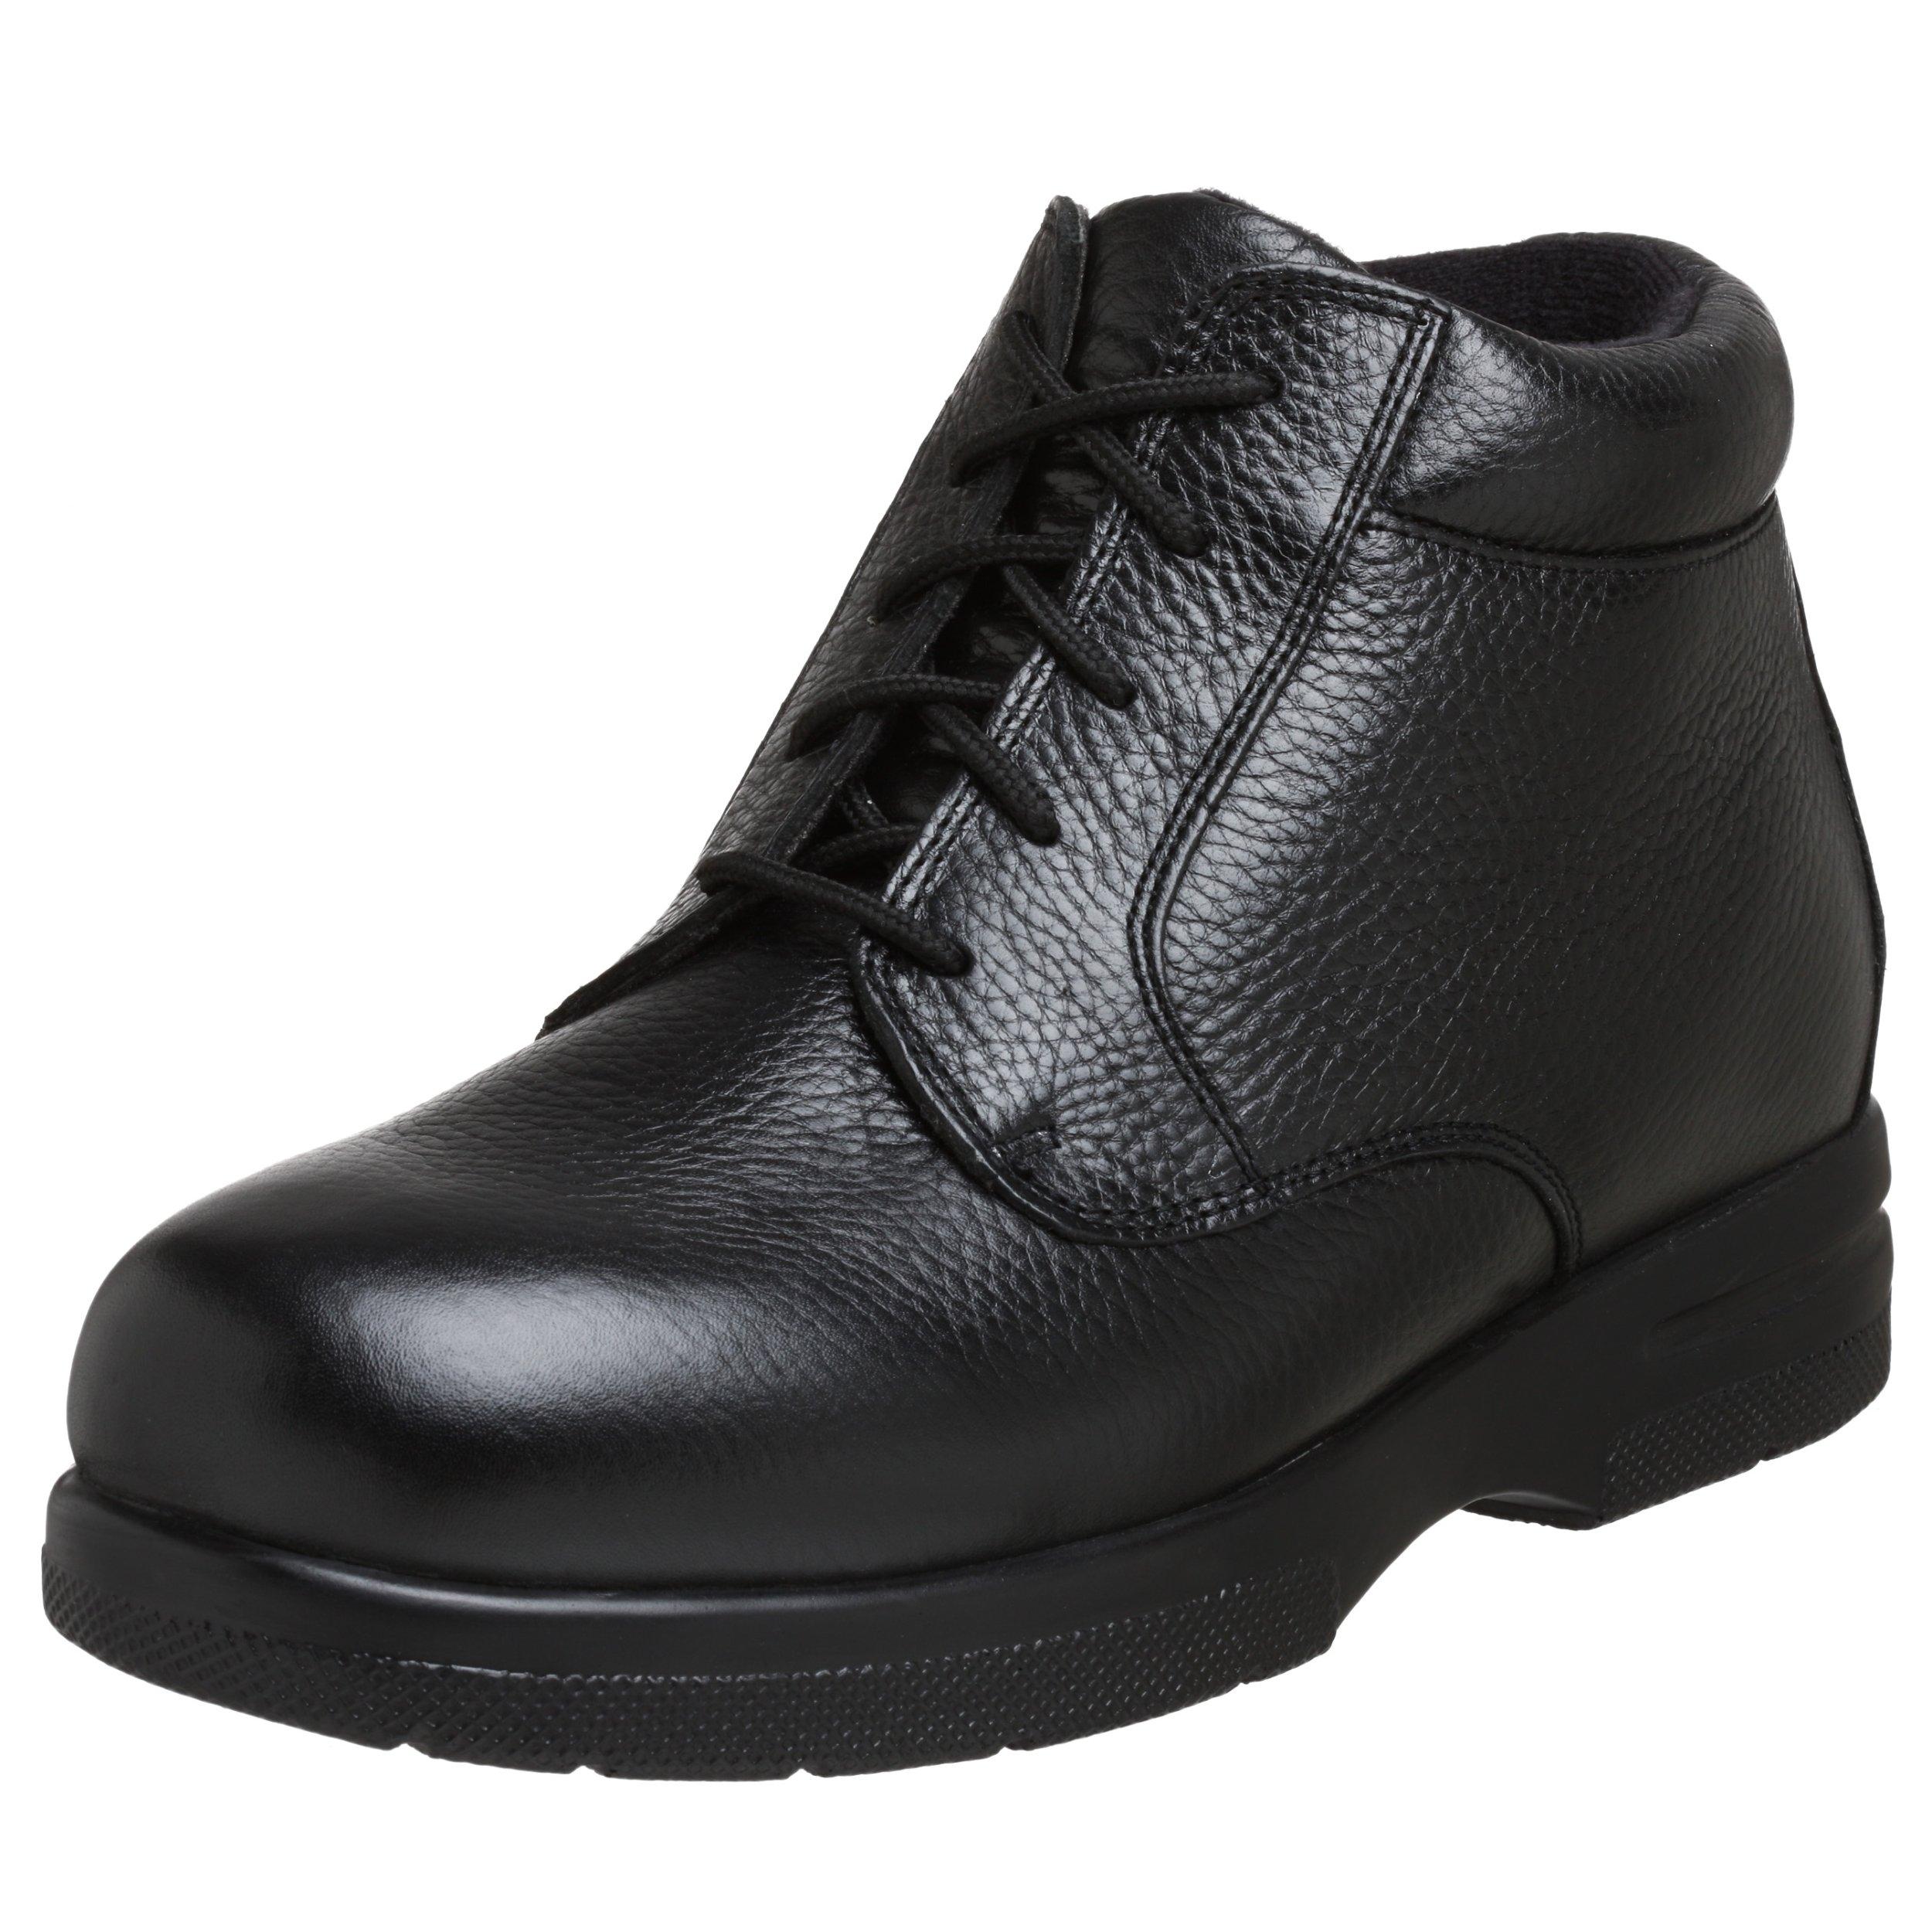 Drew Shoe Men's Tucson Boot,Black,10.5 6E US